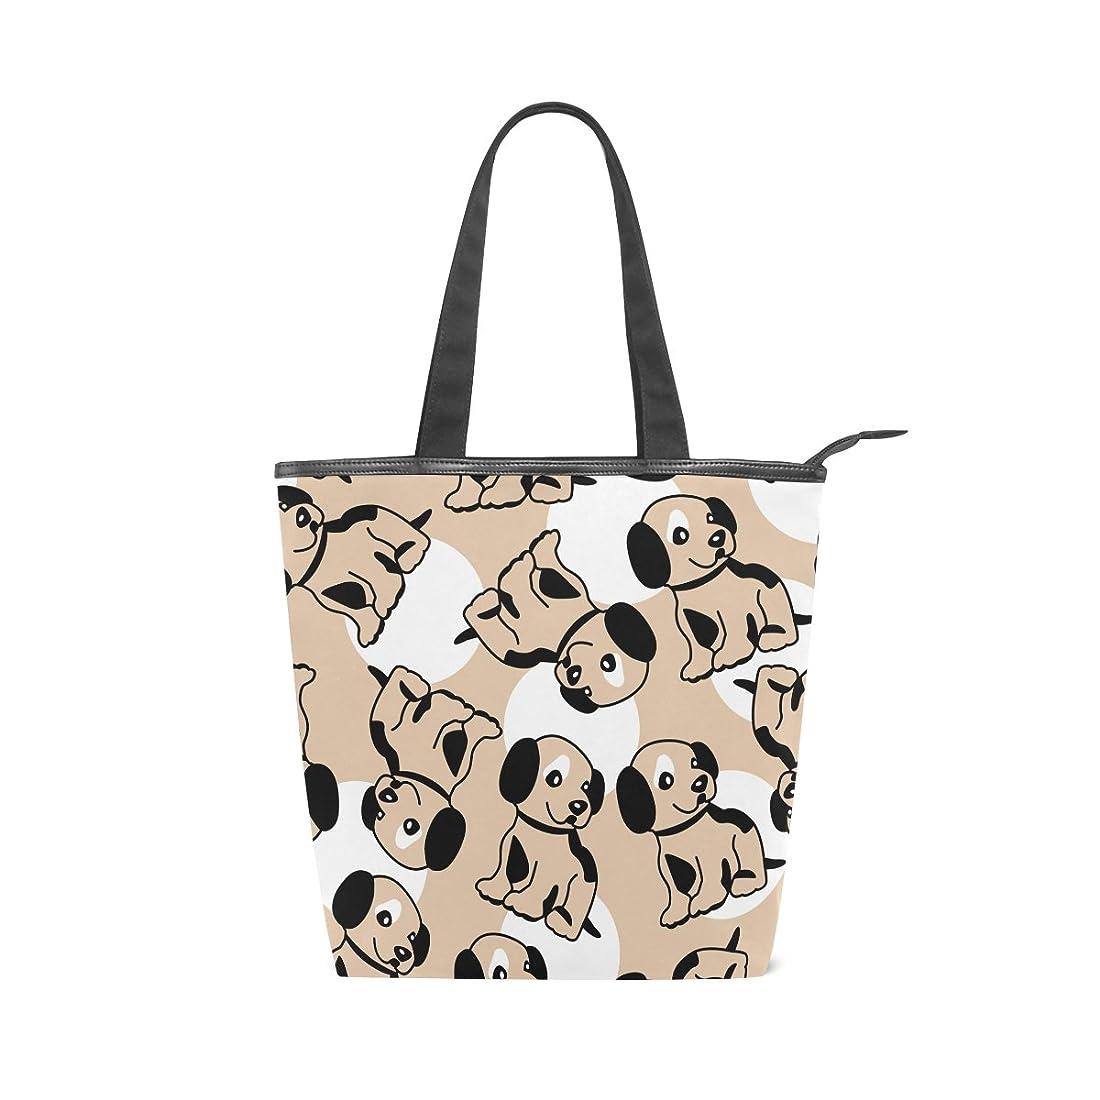 部門コスト肉腫キャンバスバッグ トートバッグ ハンドバッグ 手提げ 子犬柄 可愛い 大容量 通勤通学 メンズ レディース